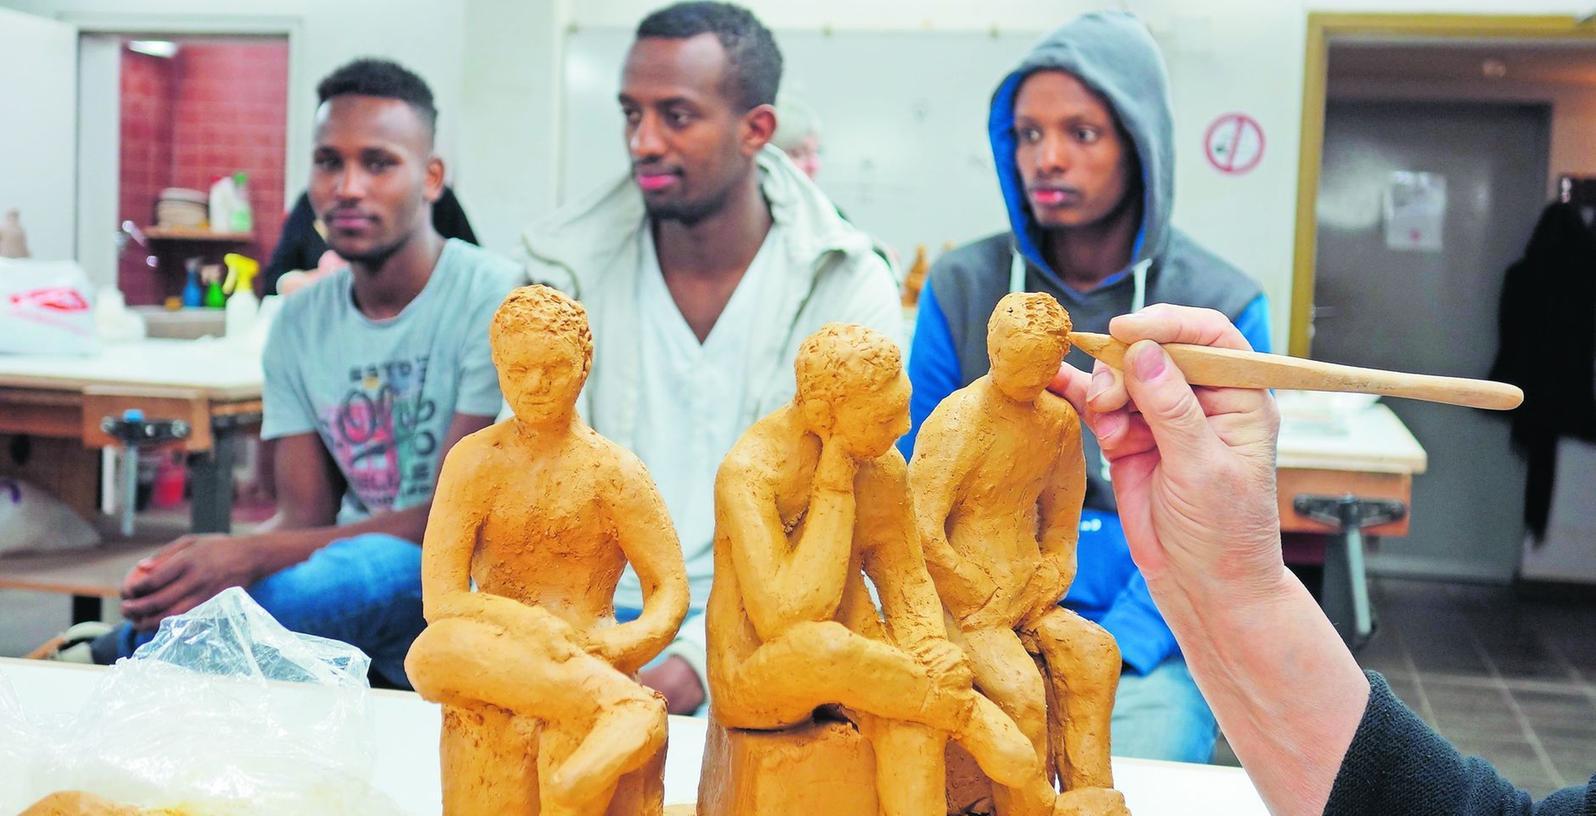 Die jungen Äthiopier saßen nicht nur Modell, sie formten auch selber Figuren aus Ton.